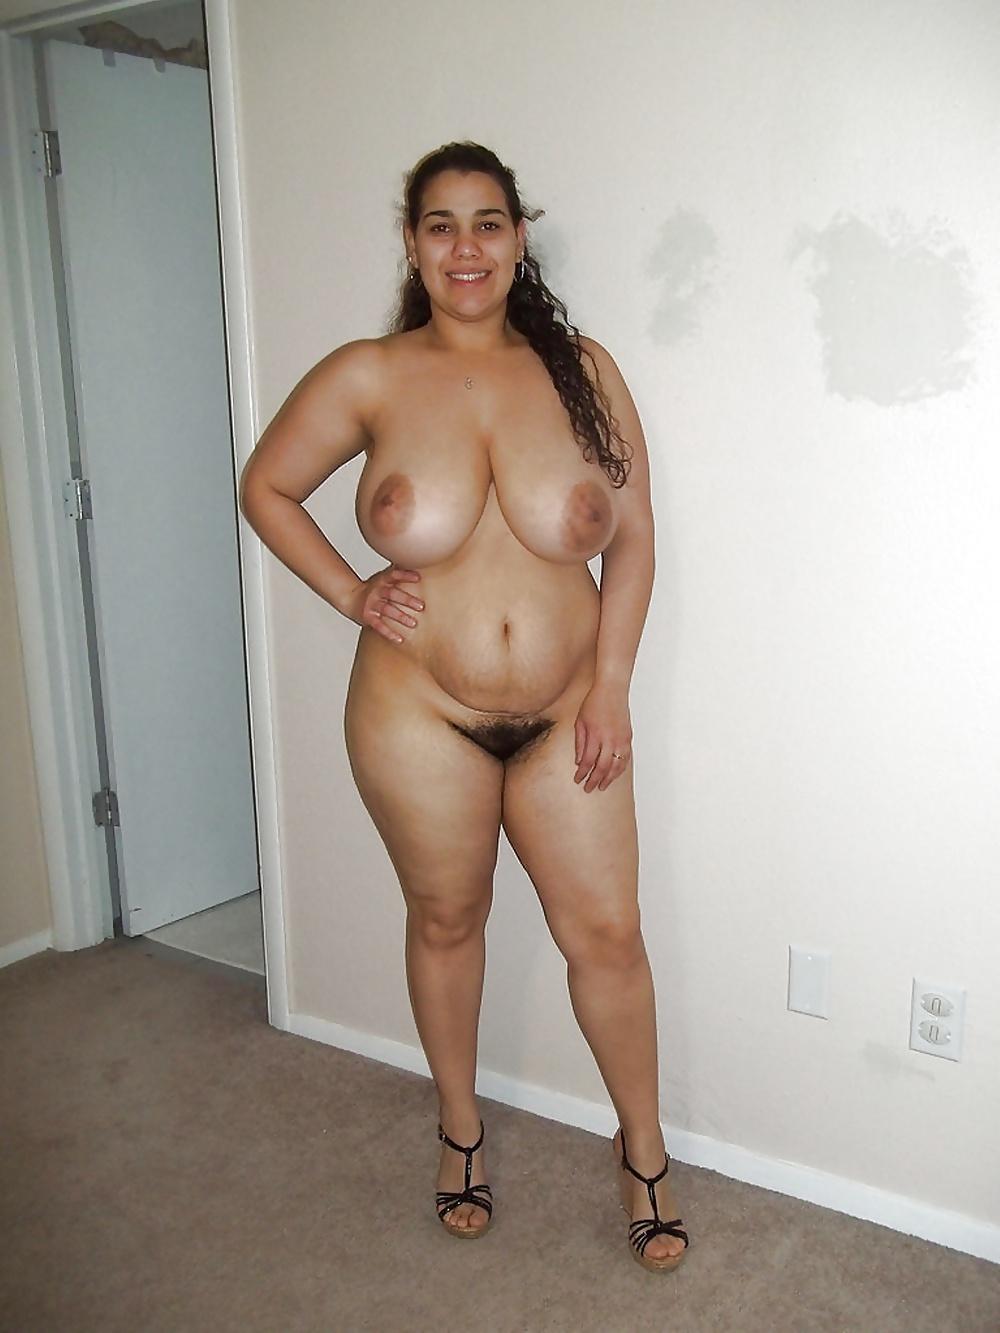 Толстые волосатые девушки фото 4 фотография